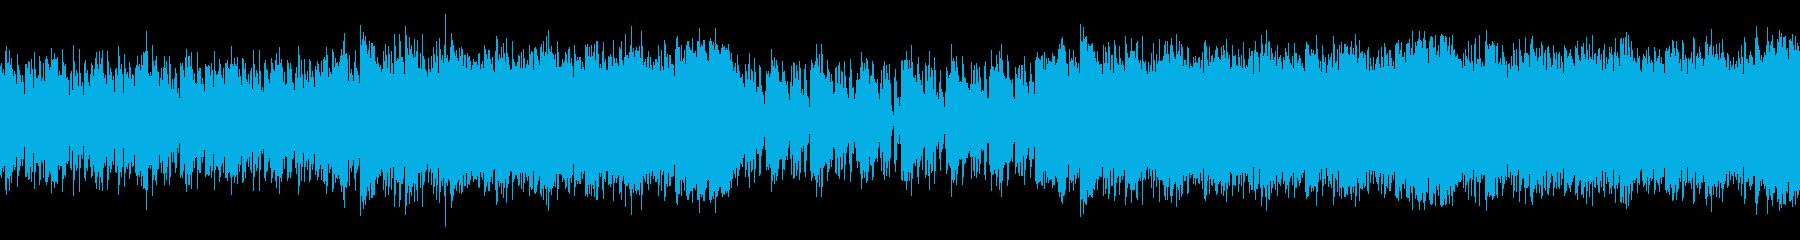 おしゃれでわくわくする映像用和風ディスコの再生済みの波形